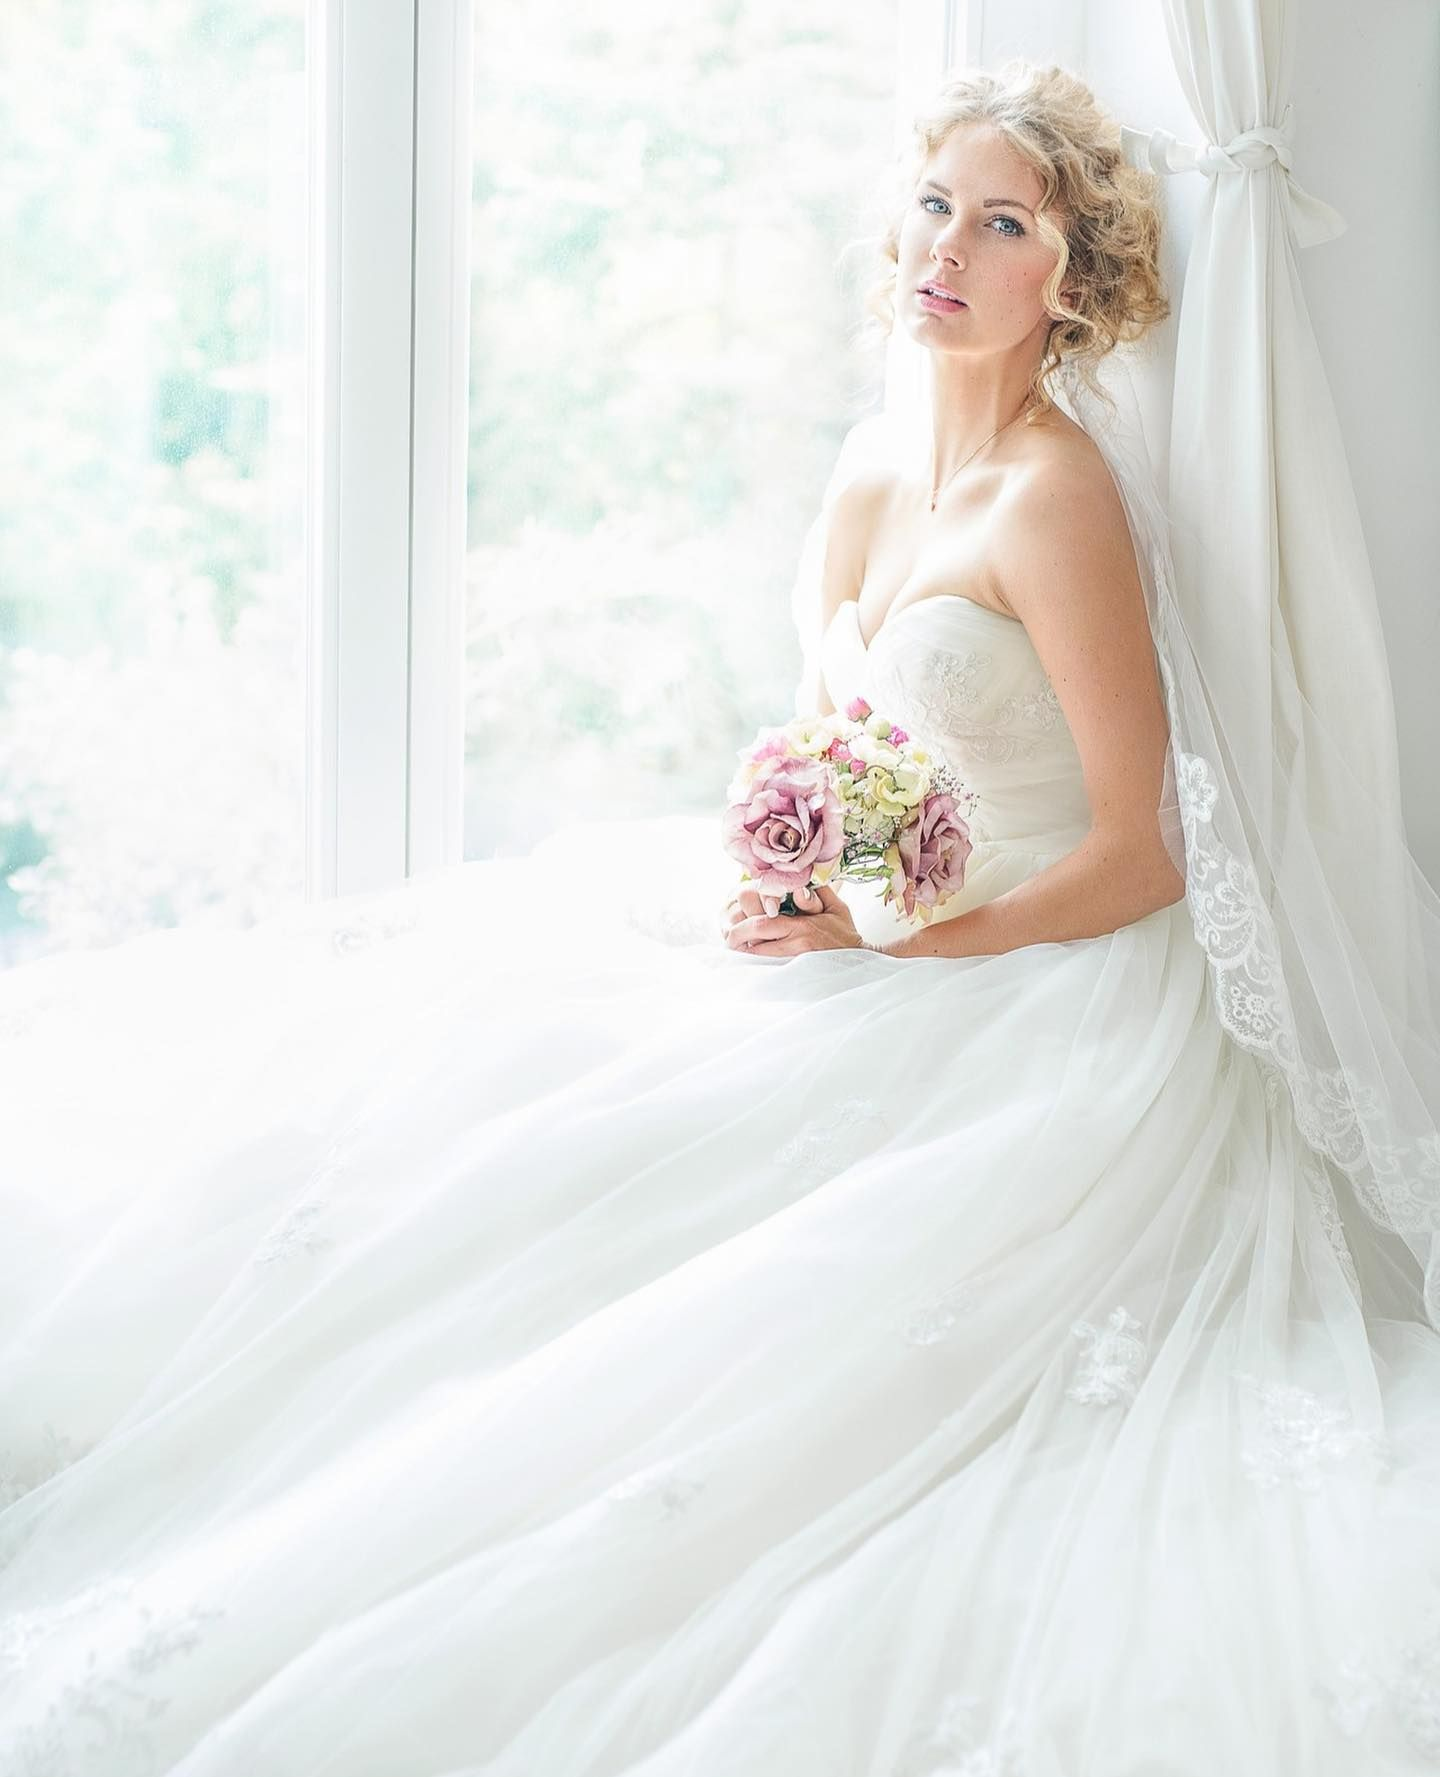 Sannas Brautkleid Vorgestern Hatte Sanna In Unserer Story Noch Einmal Ein Hochzeitskleid Angezogen Viele Von Euch Braut Hochzeitskleid Brautkleid